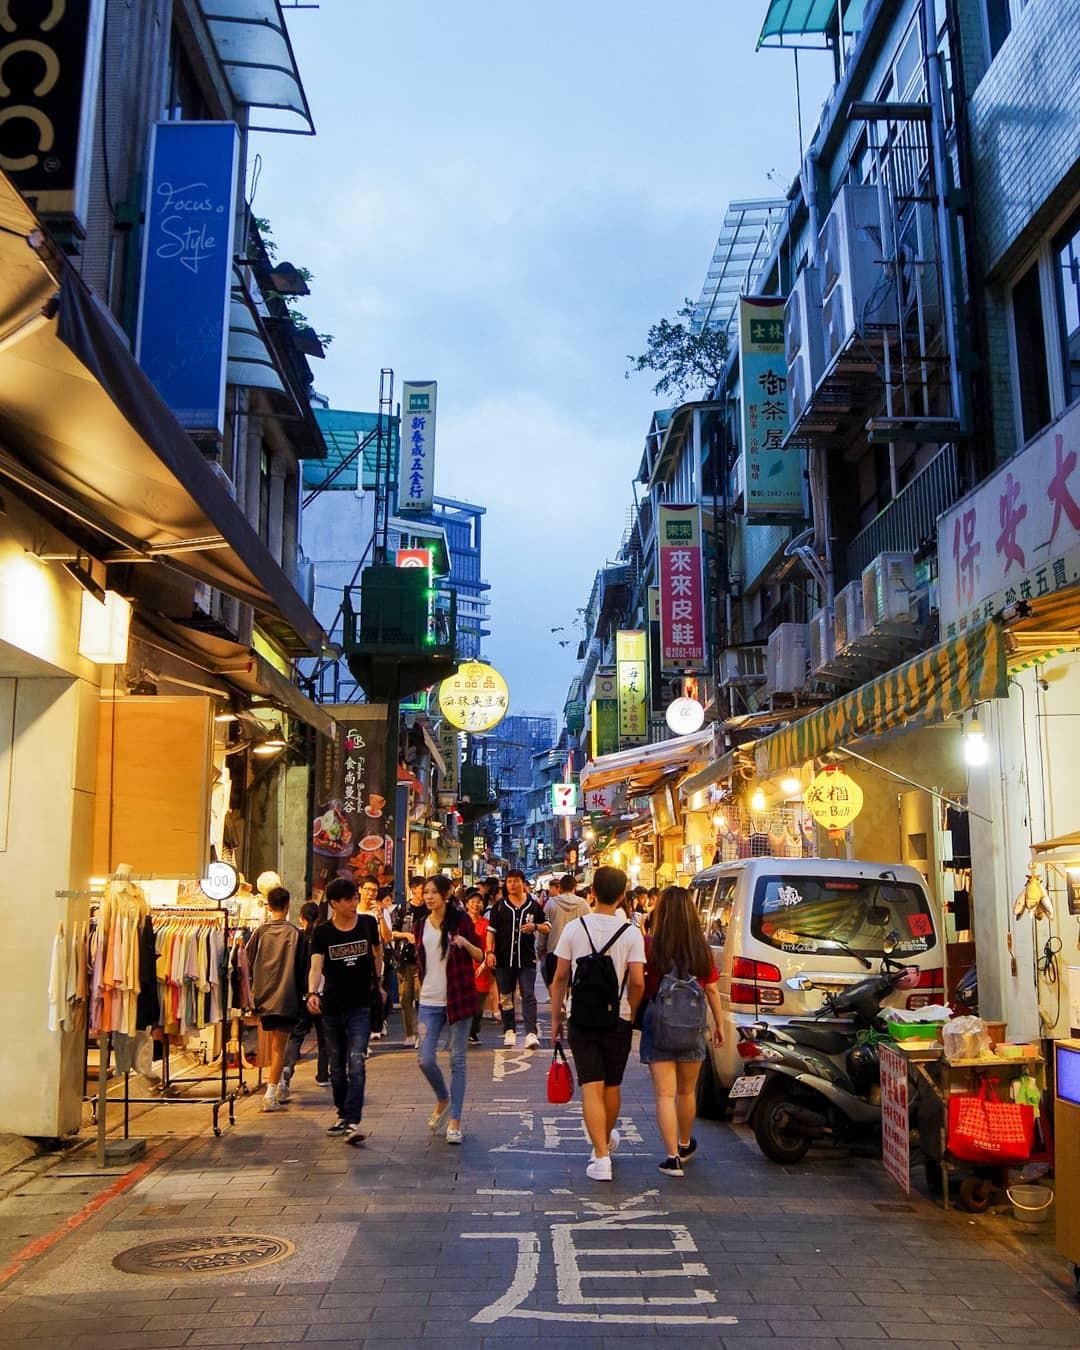 Ăn no căng bụng tại những khu chợ đêm sầm uất nhất Đài Loan - Ảnh 2.